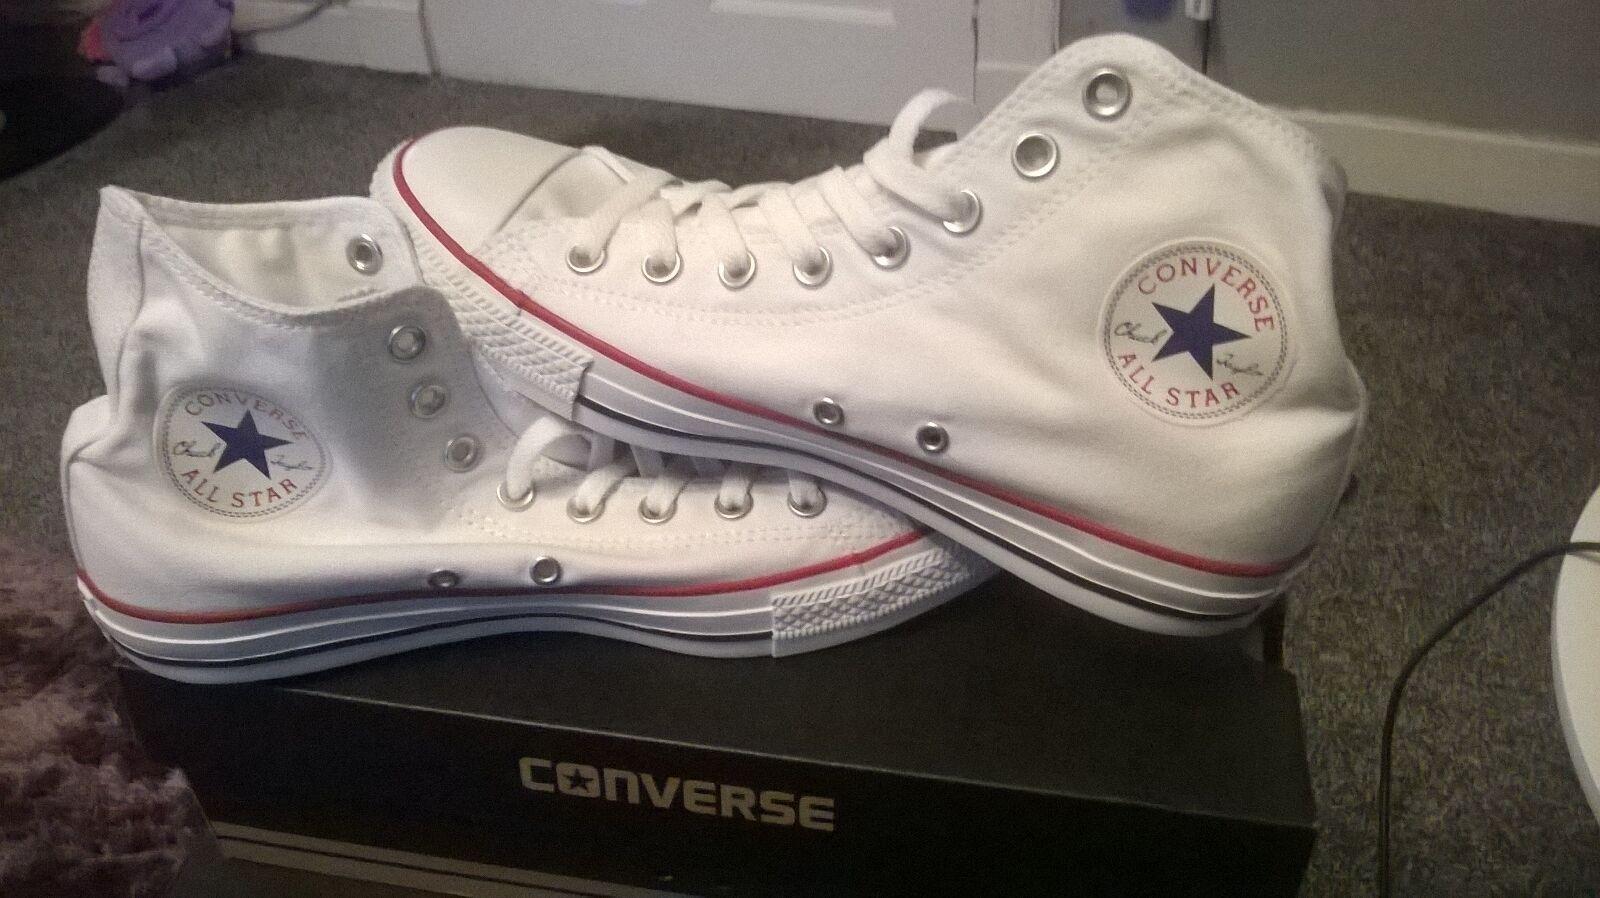 CONVERSE ALL STAR WHITE HI TOP TRAINERS BNIB UK 8 EU 41.5